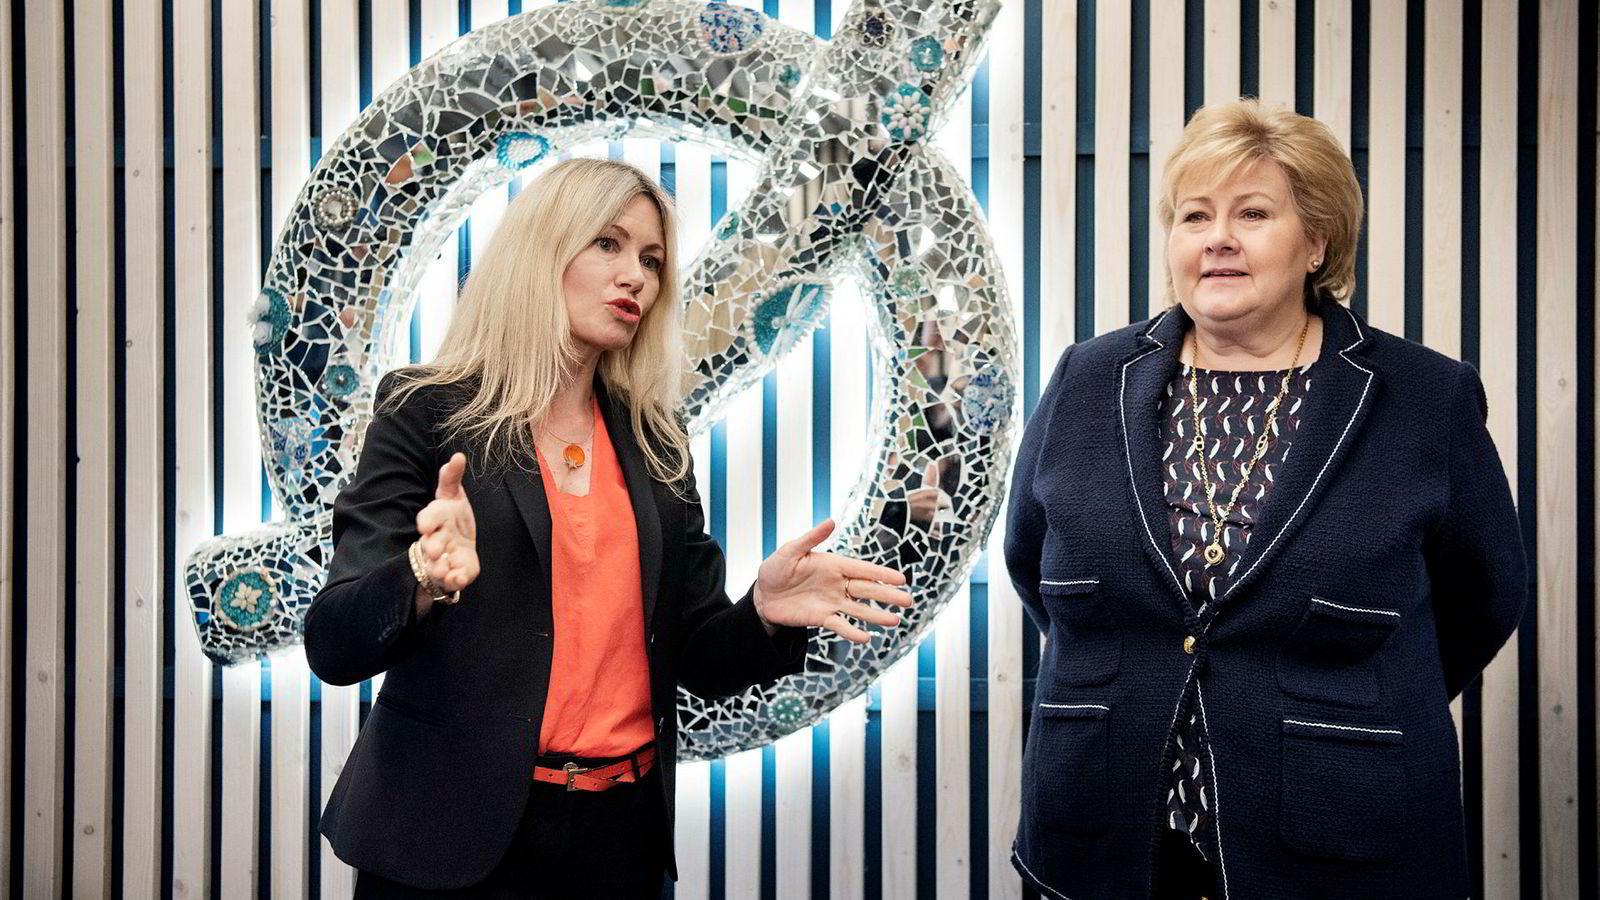 Nysnø-sjef Siri M. Kalvig fikk tirsdag besøk av statsminister Erna Solberg i lokalene i Stavanger. Der ble også Nysnøs tredje investering kunngjort, i sensorselskapet Disruptive Technologies.